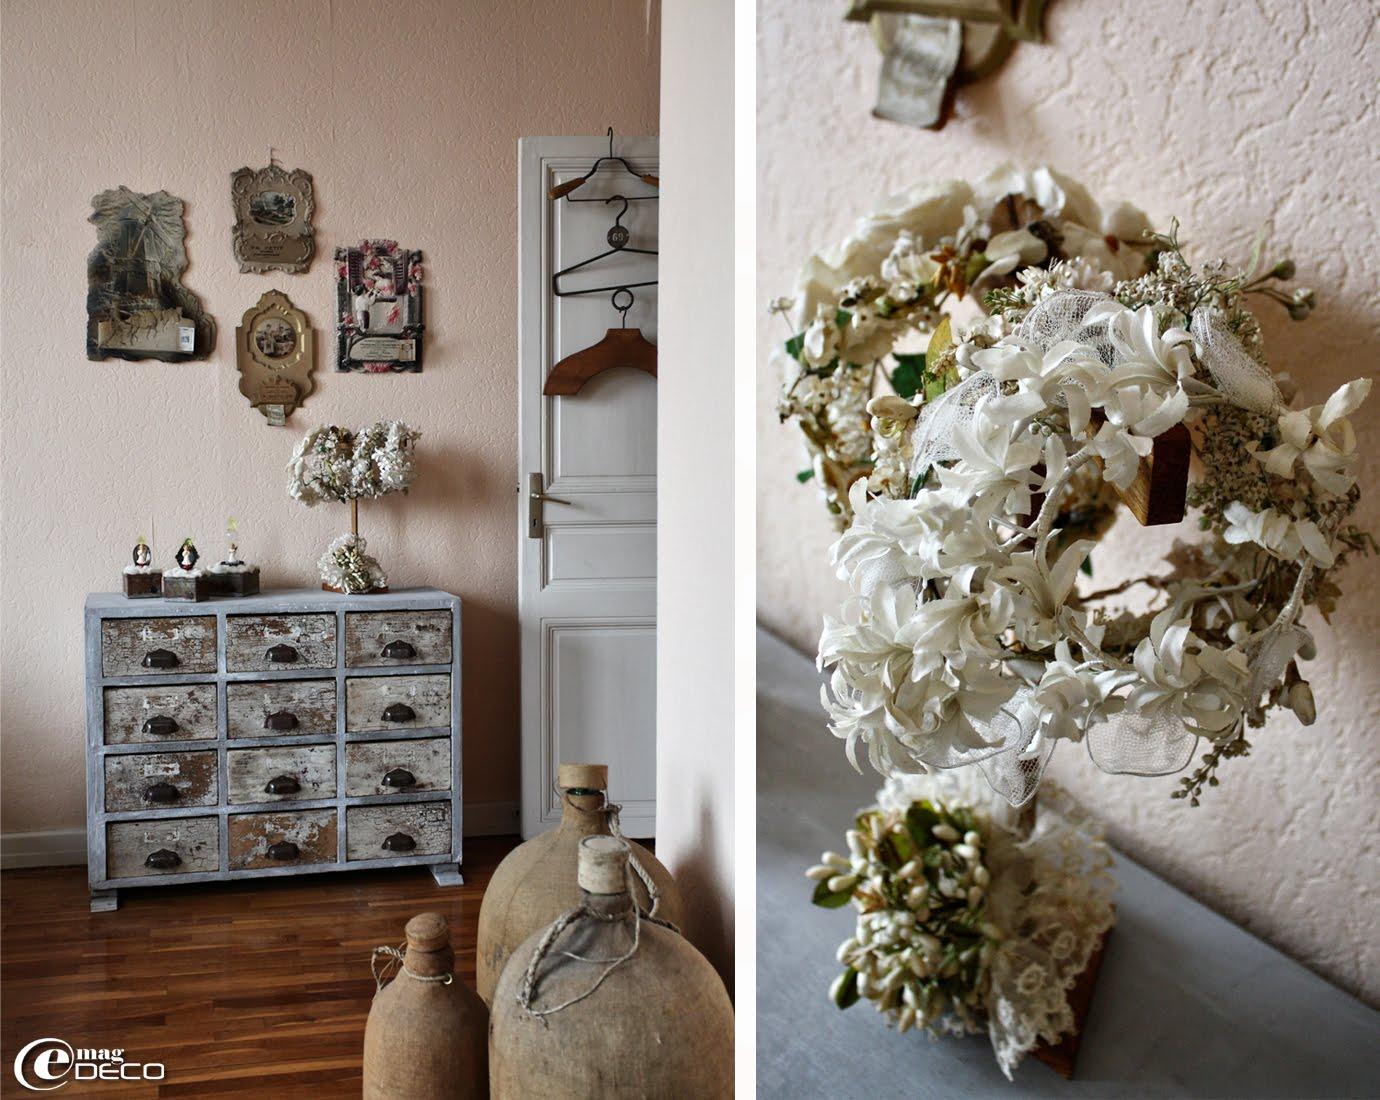 Un vieux meuble de métier à tiroirs présente des anges en celluloïd et des couronnes de mariées ou communiantes